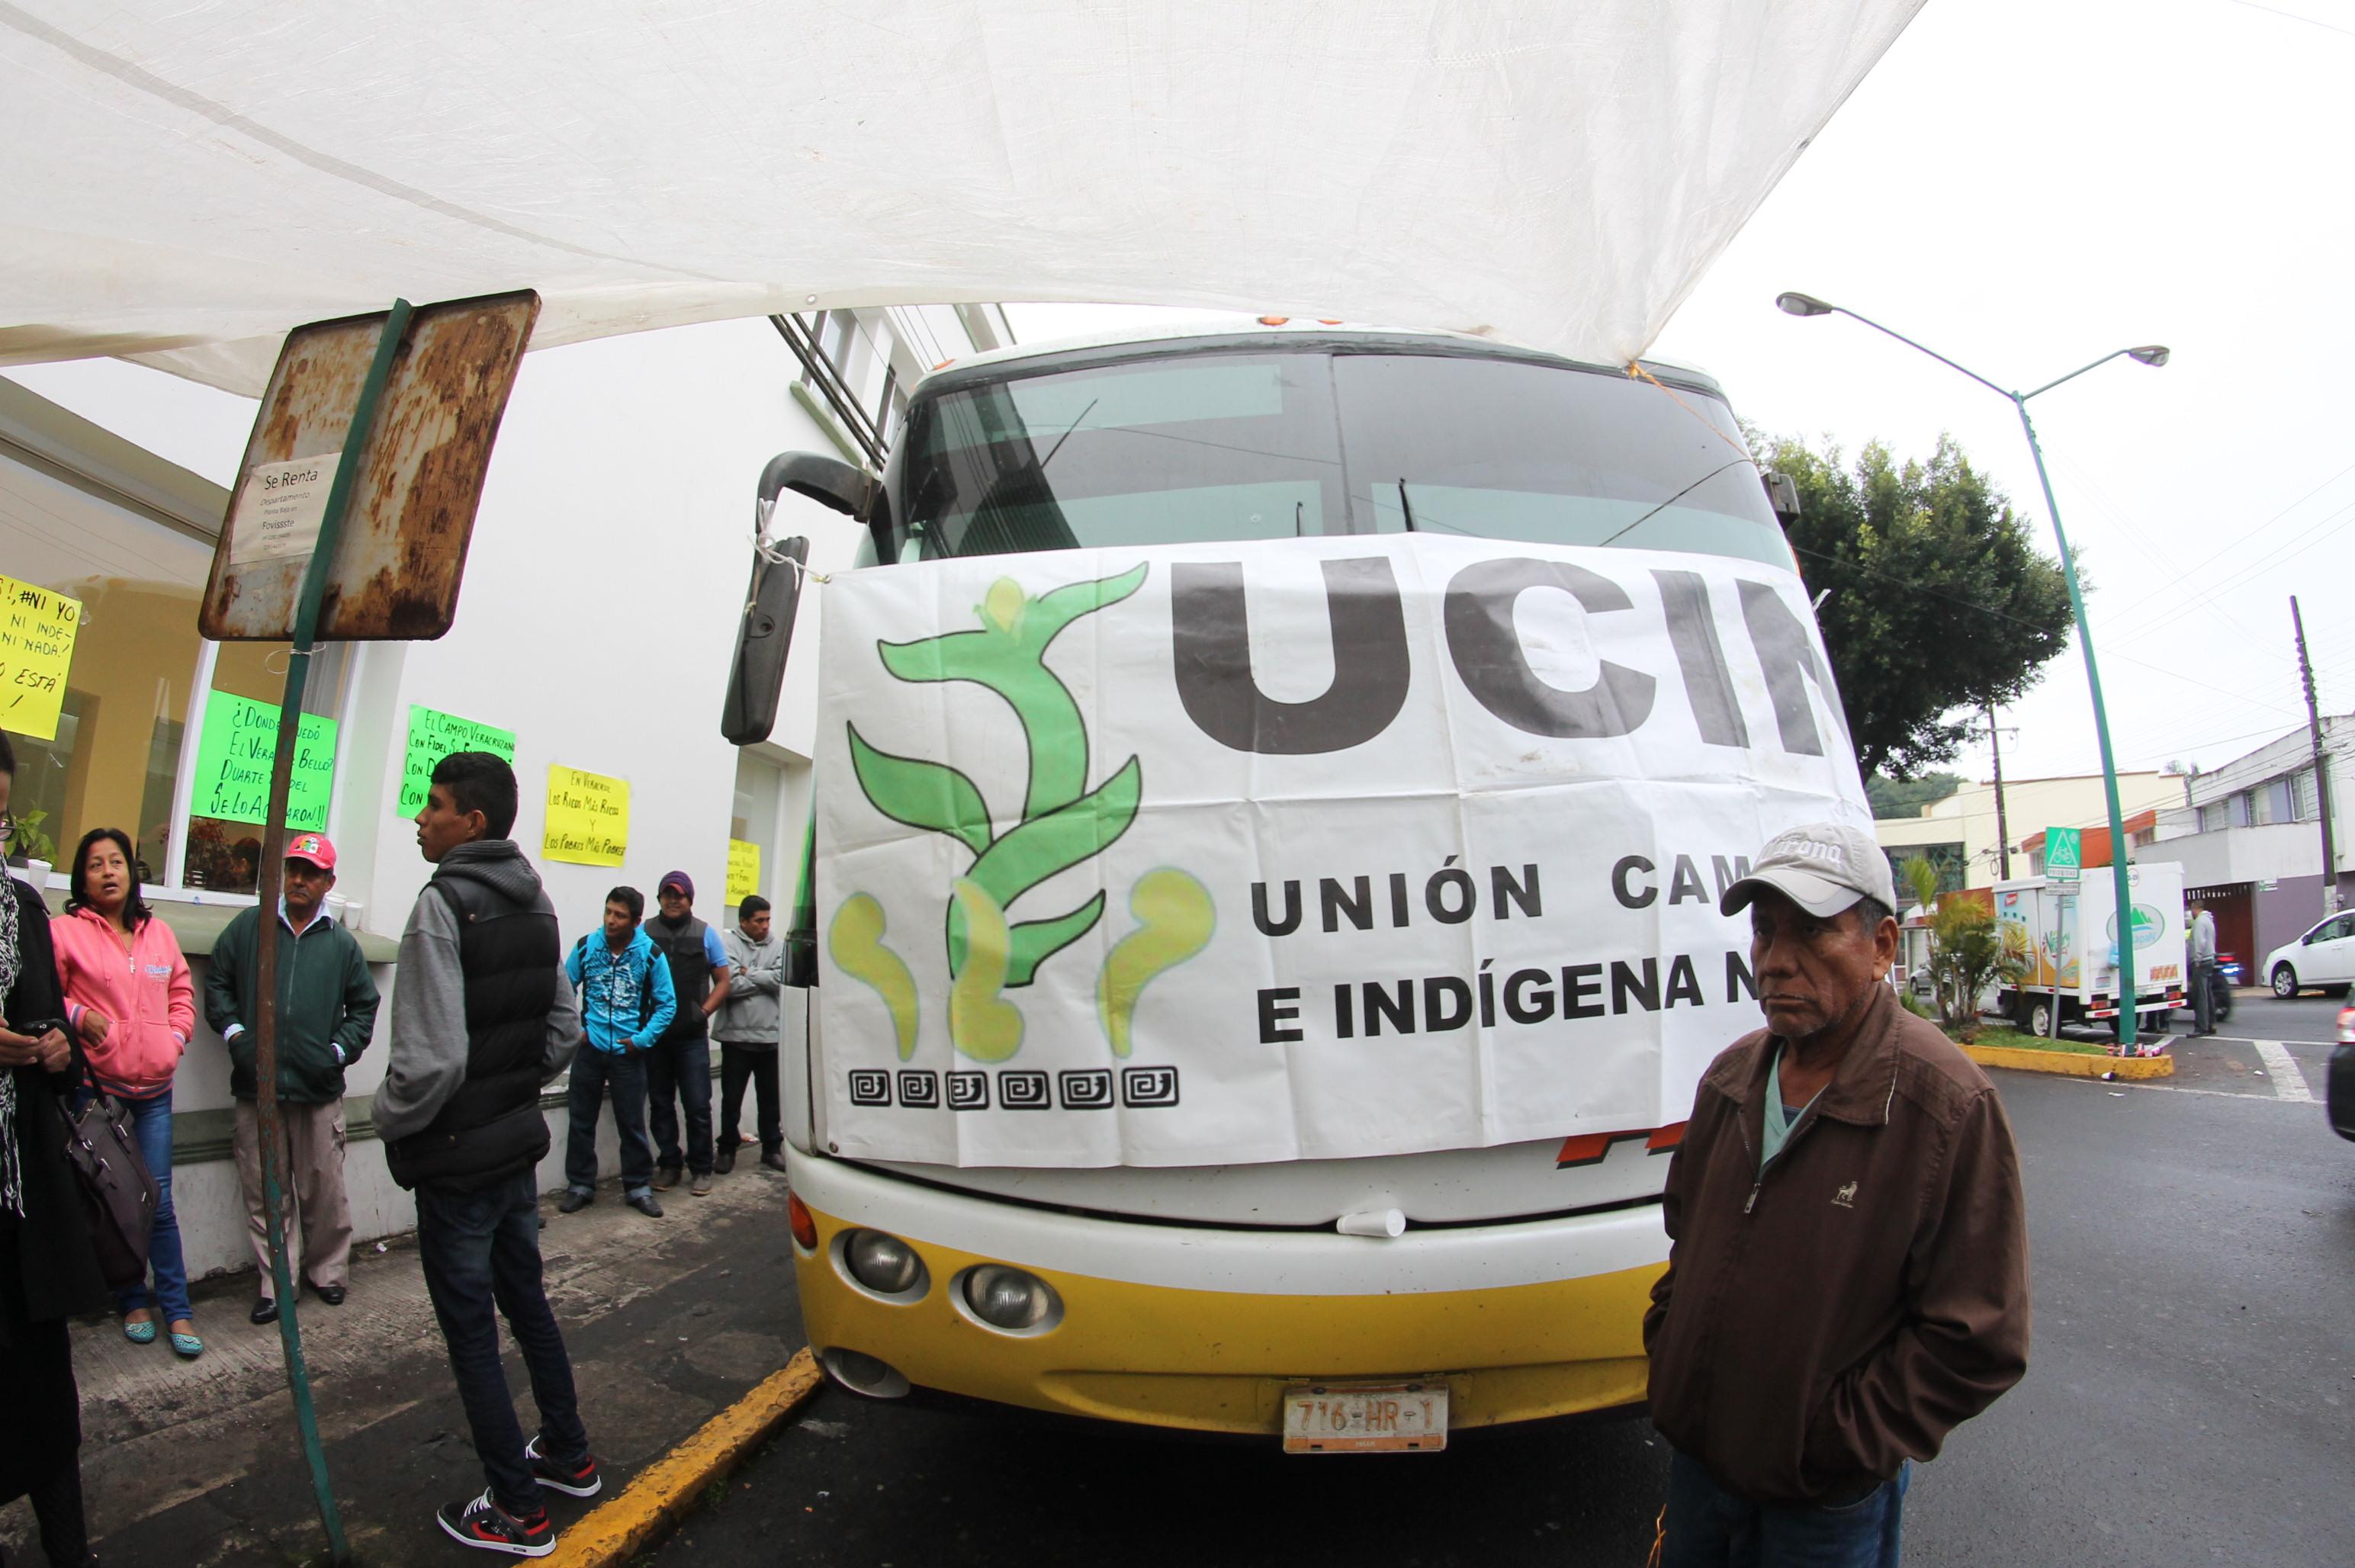 Campesinos de la Unión Campesina Indígena toman Sedarpa